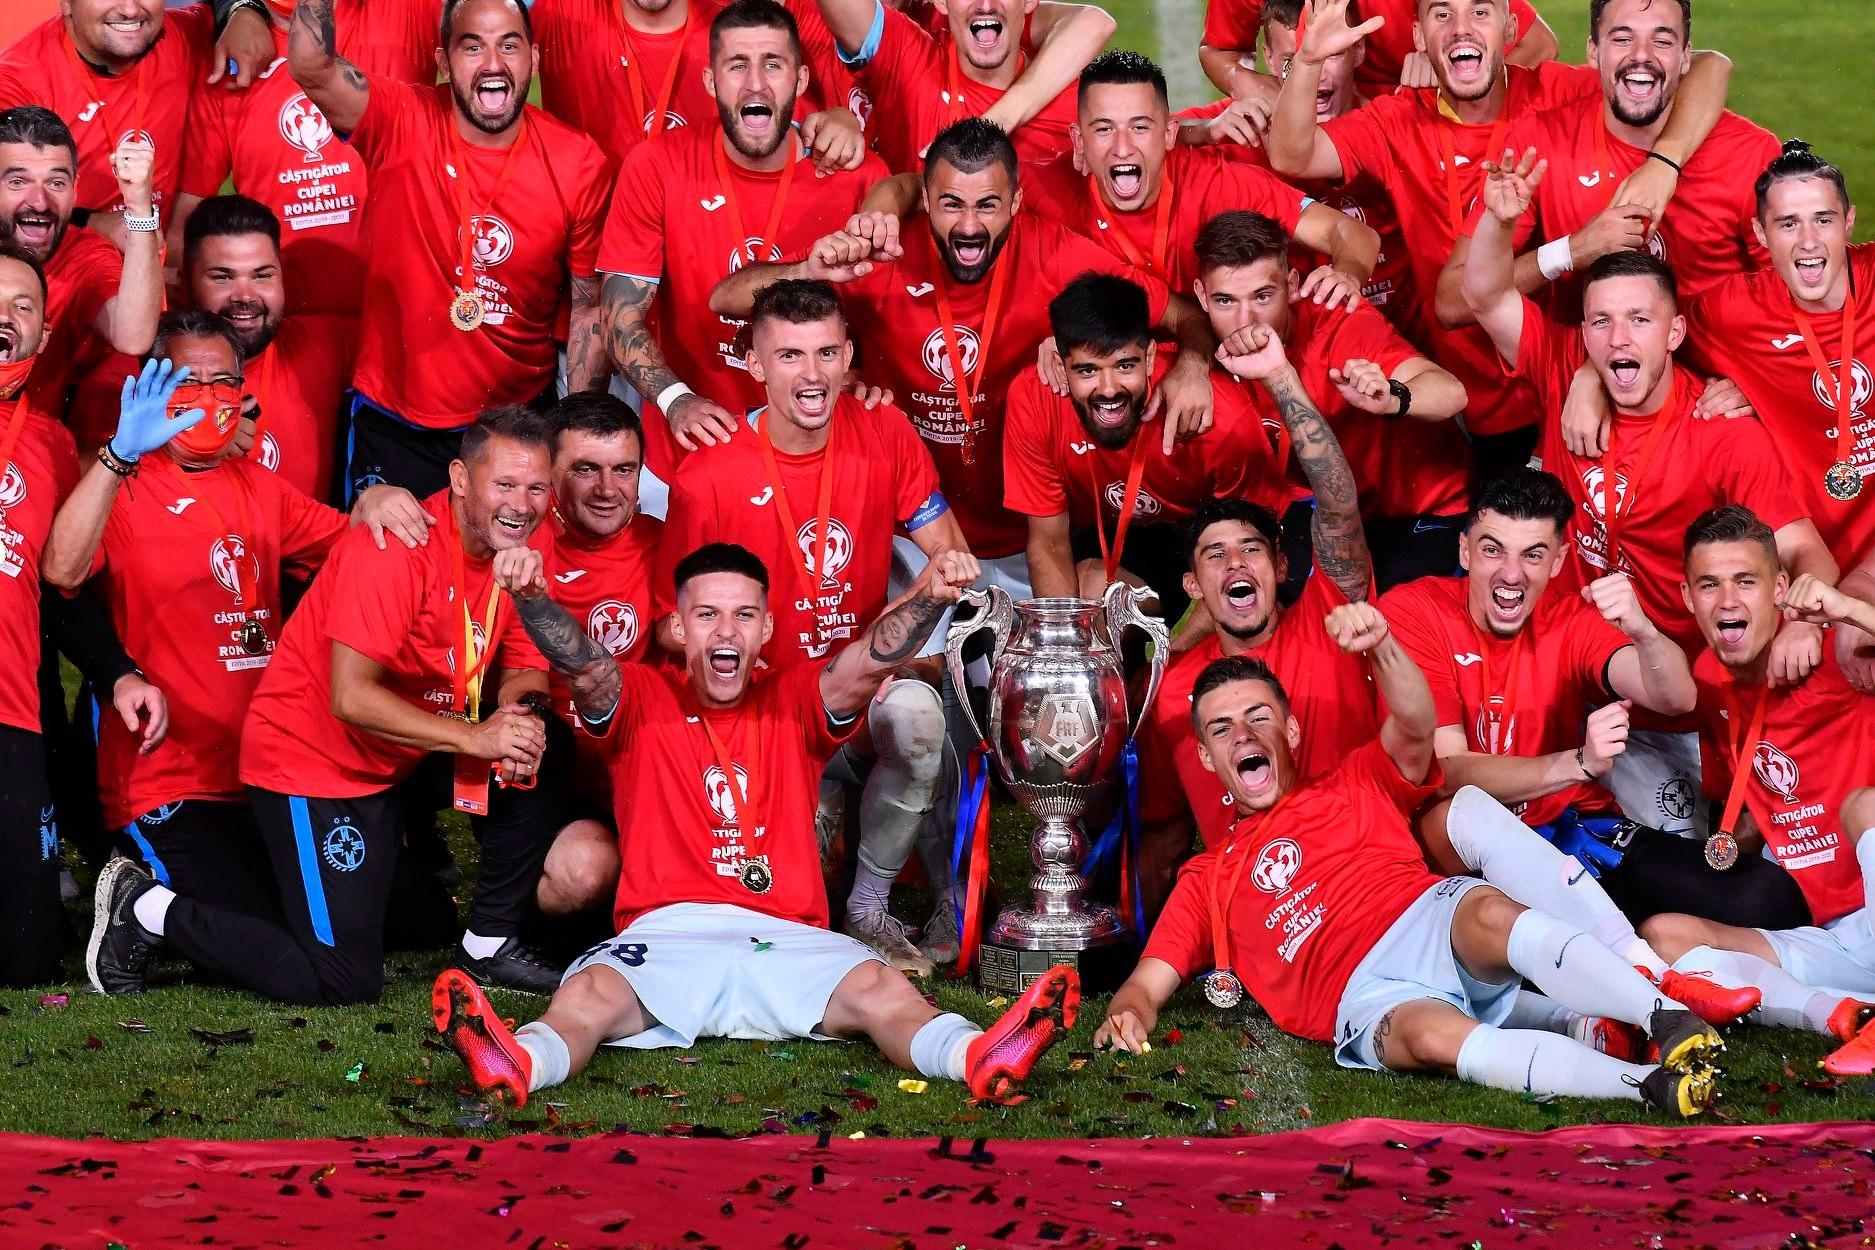 Cupa României este a noastră!>